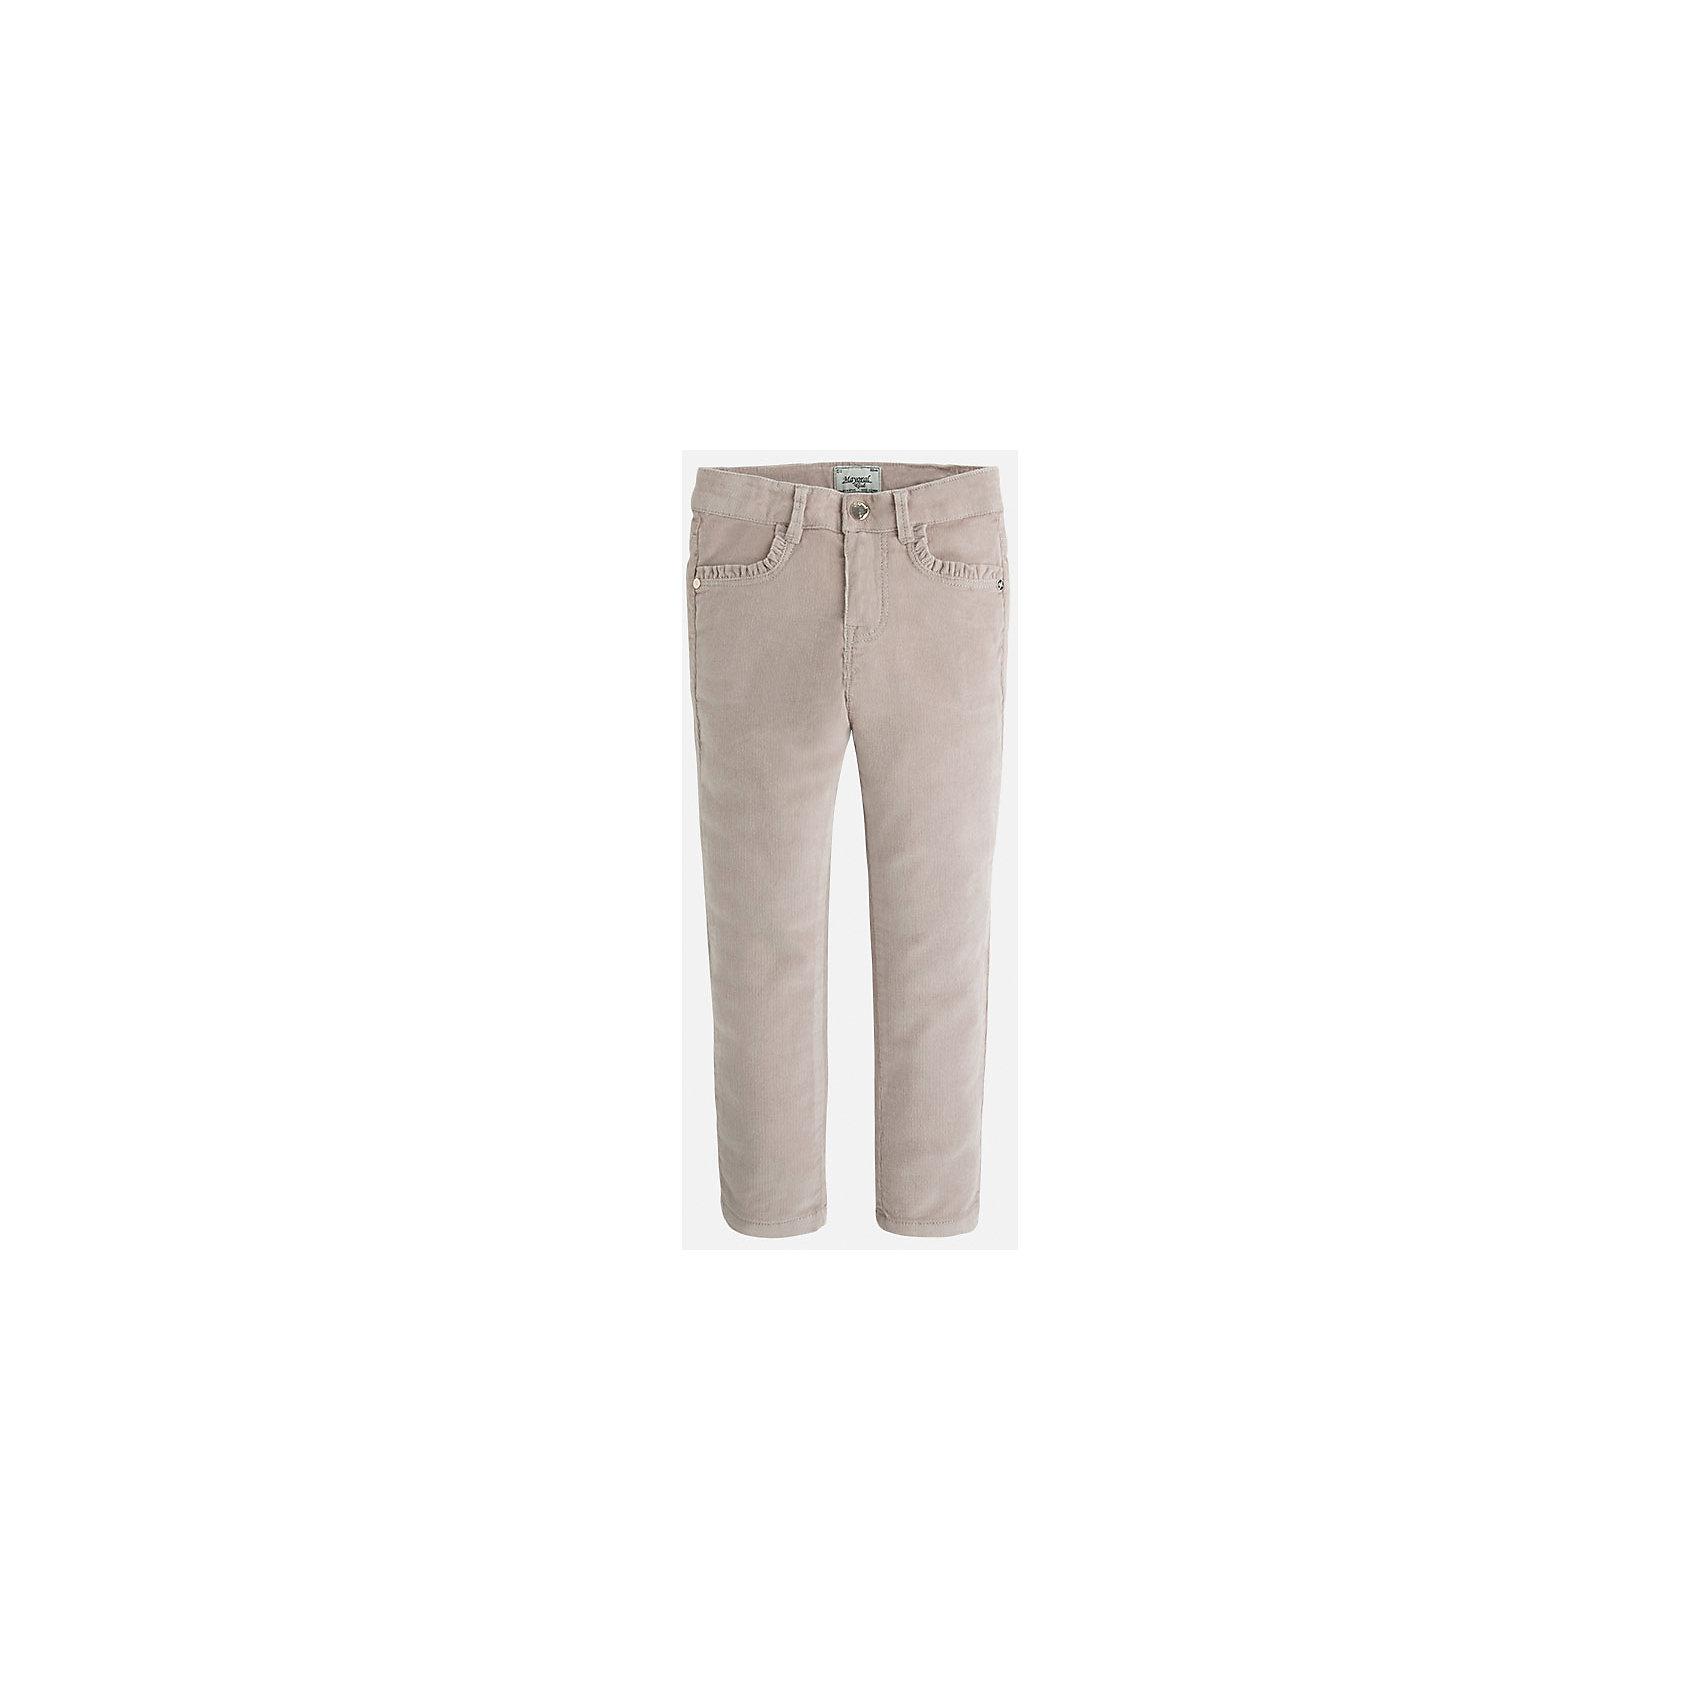 Брюки для девочки MayoralБрюки<br>Мягкие вельветовые брюки от известного испанского бренда для девочки. Изделие обладает следующими особенностями: - зауженный силуэт (scinny); - регулируемый по полноте пояс со шлевками для ремня; - традиционная застежка: кнопка и молния; - 4 кармана; - приятная к телу чуть эластичная плотная ткань (98% хлопок, 2% эластан).<br><br>Брюки для девочки Mayoral (Майорал) можно купить в нашем магазине.<br><br>Ширина мм: 215<br>Глубина мм: 88<br>Высота мм: 191<br>Вес г: 336<br>Цвет: разноцветный<br>Возраст от месяцев: 60<br>Возраст до месяцев: 72<br>Пол: Женский<br>Возраст: Детский<br>Размер: 116,92,128,110,104,98,122,134,128<br>SKU: 3308627